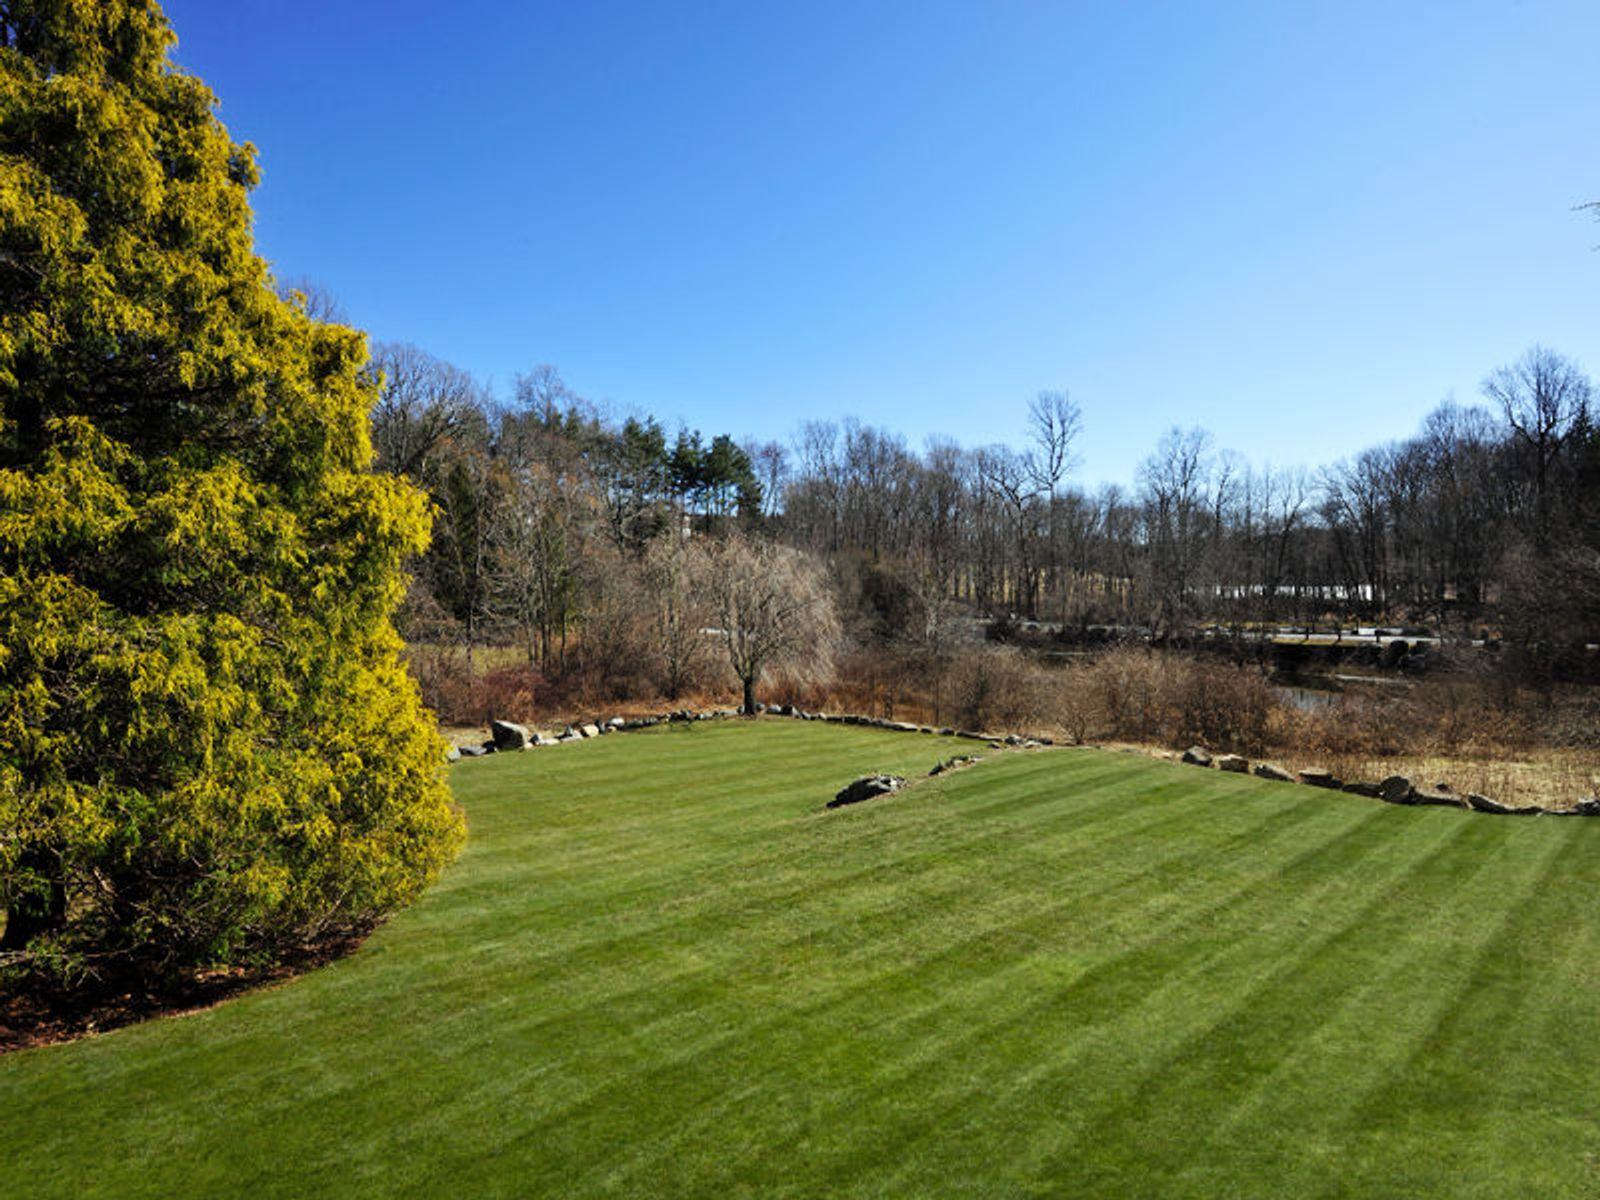 Park-Like Property